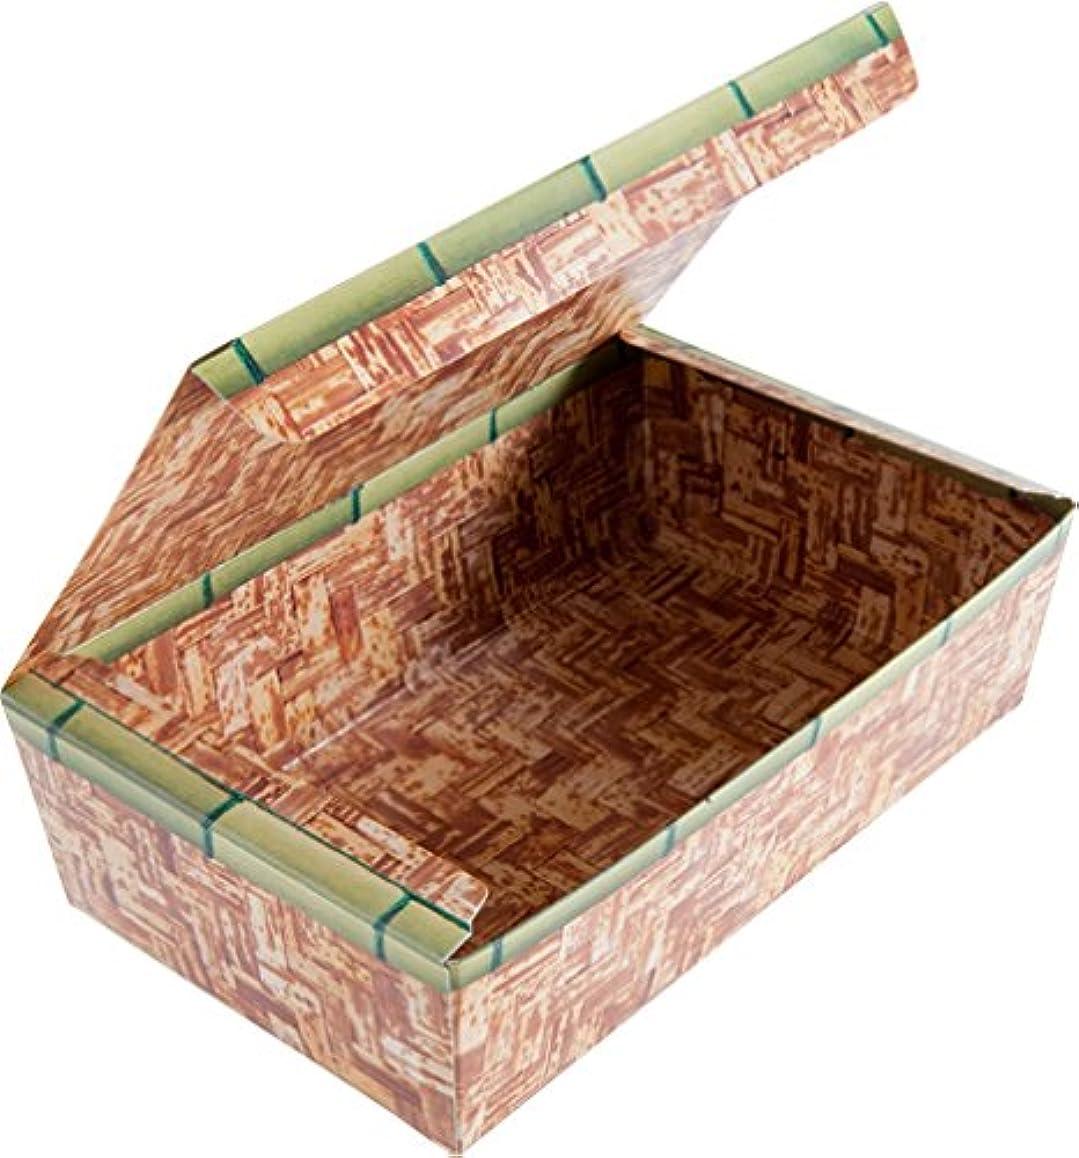 代表団国旗うなる松本 使い捨て容器 Epie 竹皮紙容器(一体型) 竹皮編柄 50個 PTAY-197HU